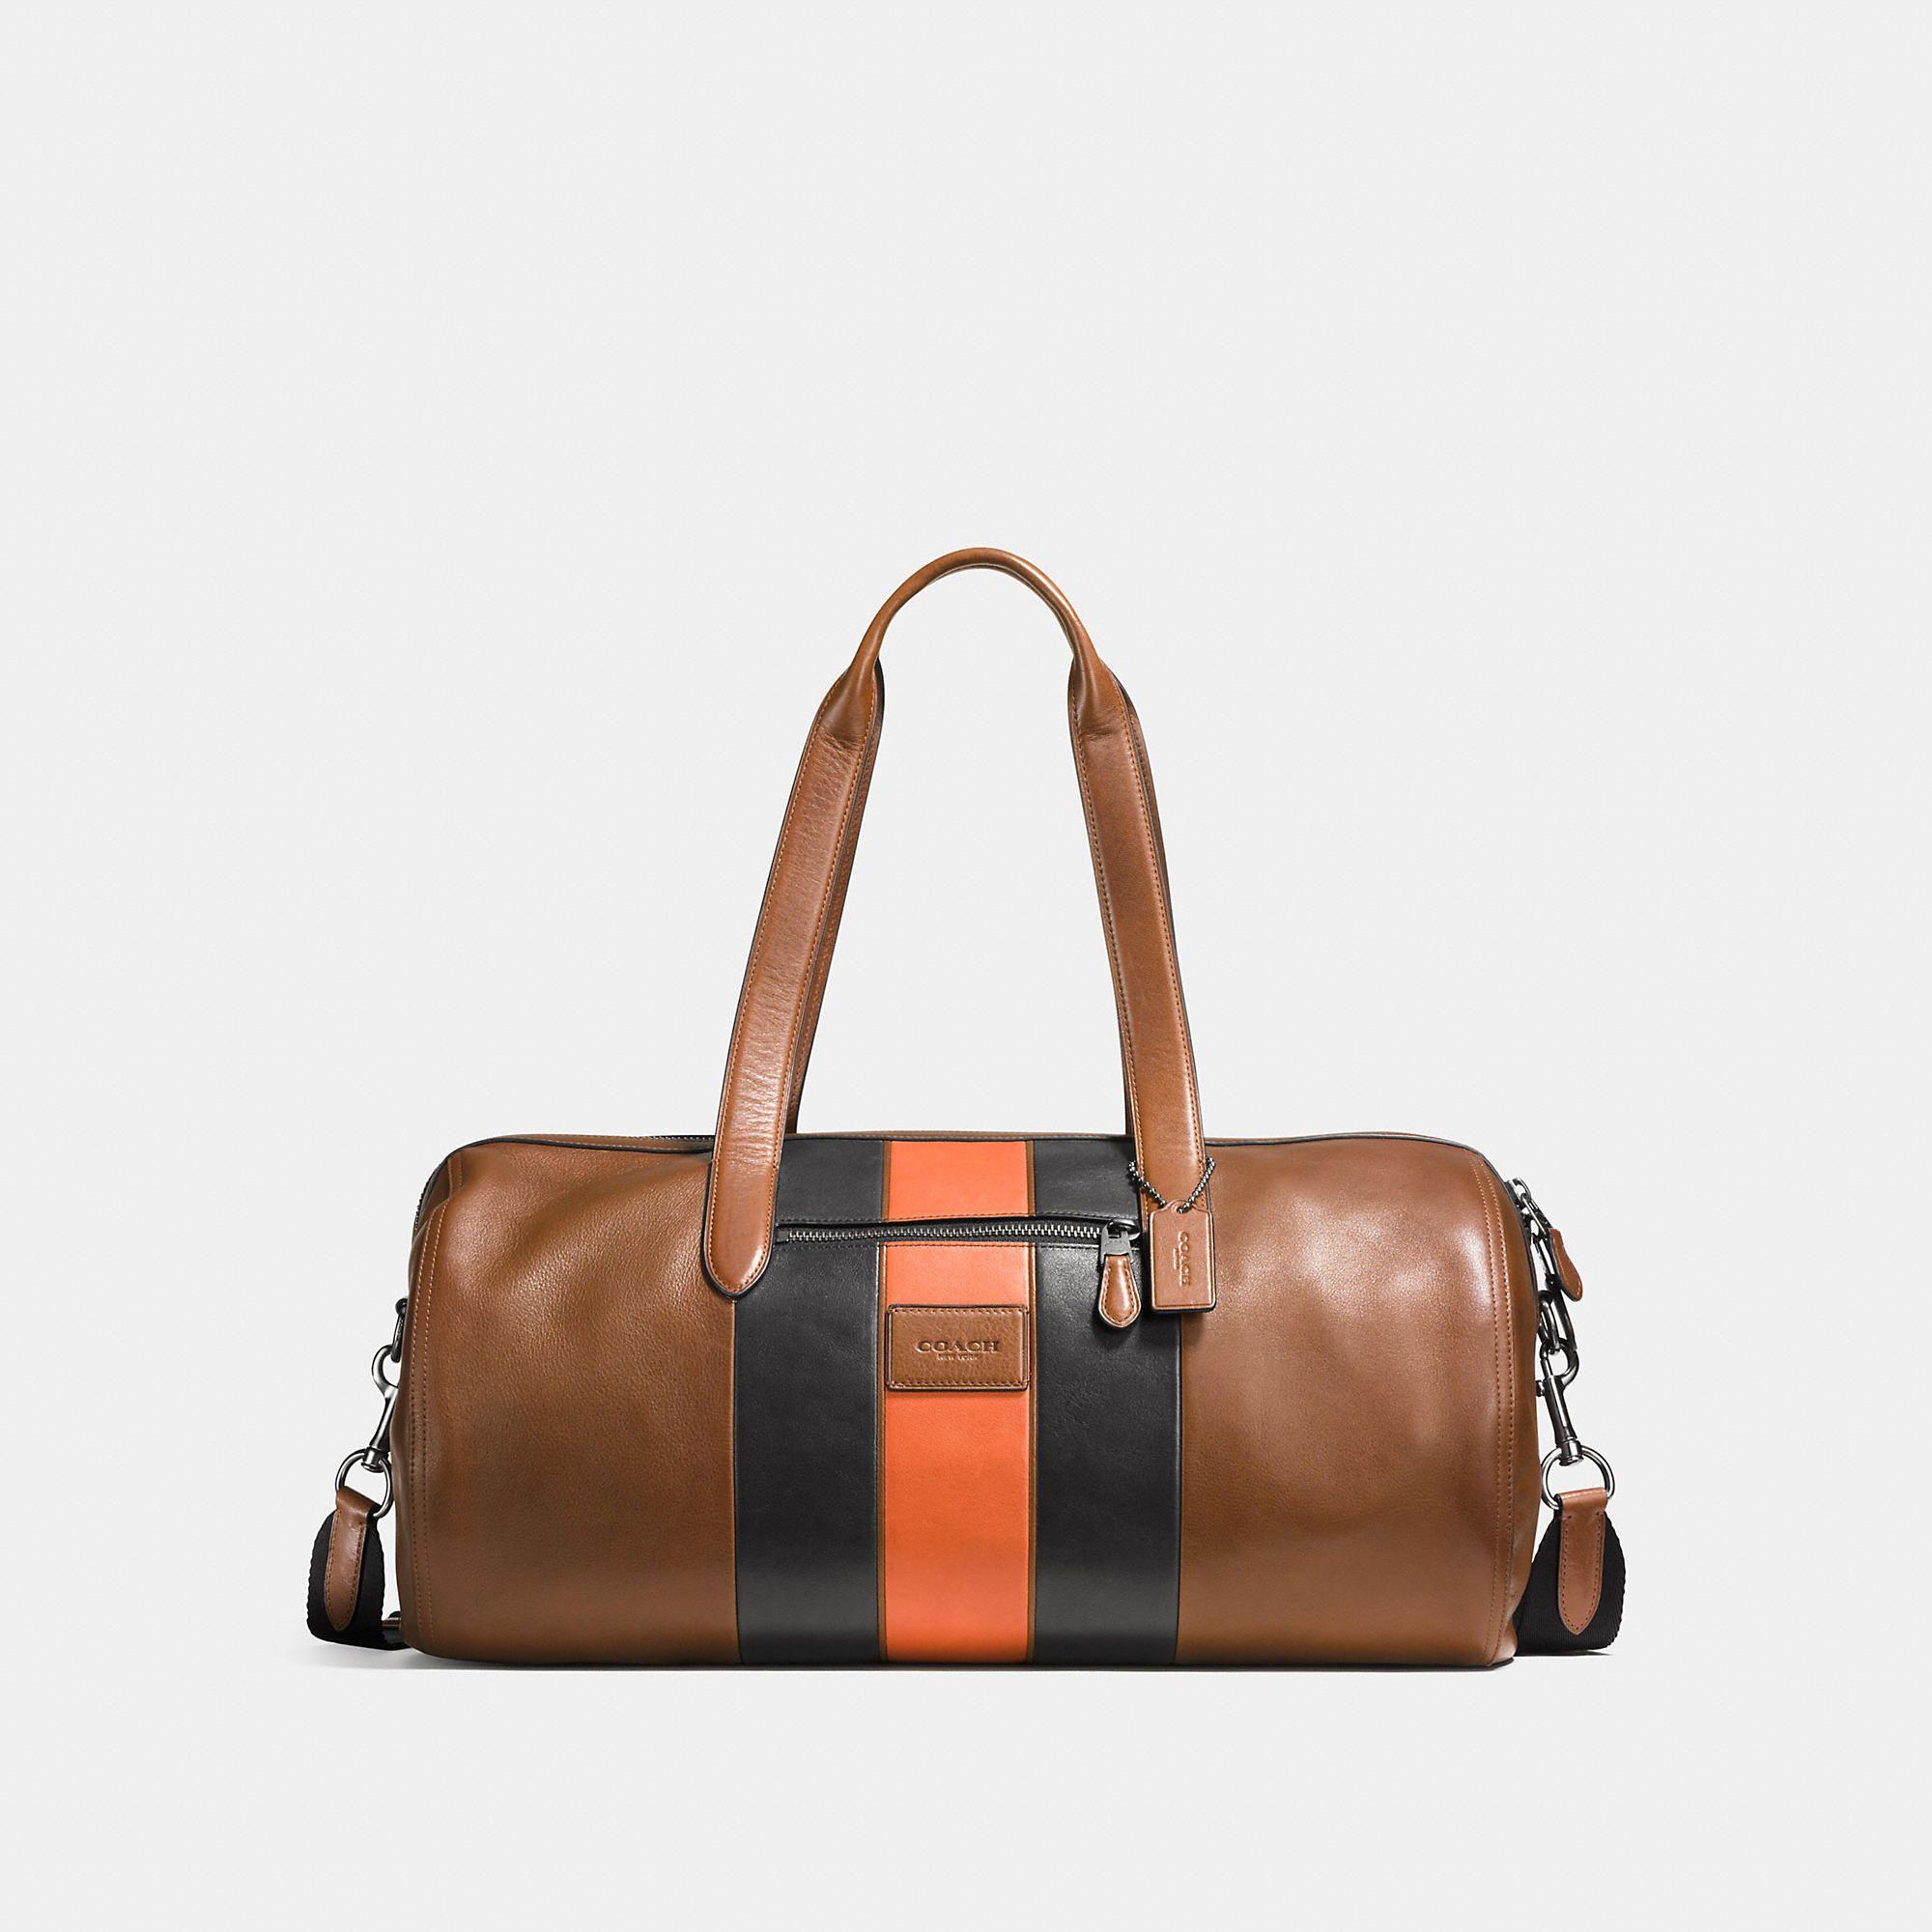 038f16ea4bb9 COACH Men s Metropolitan Soft Gym Bag With Varsity Stripe